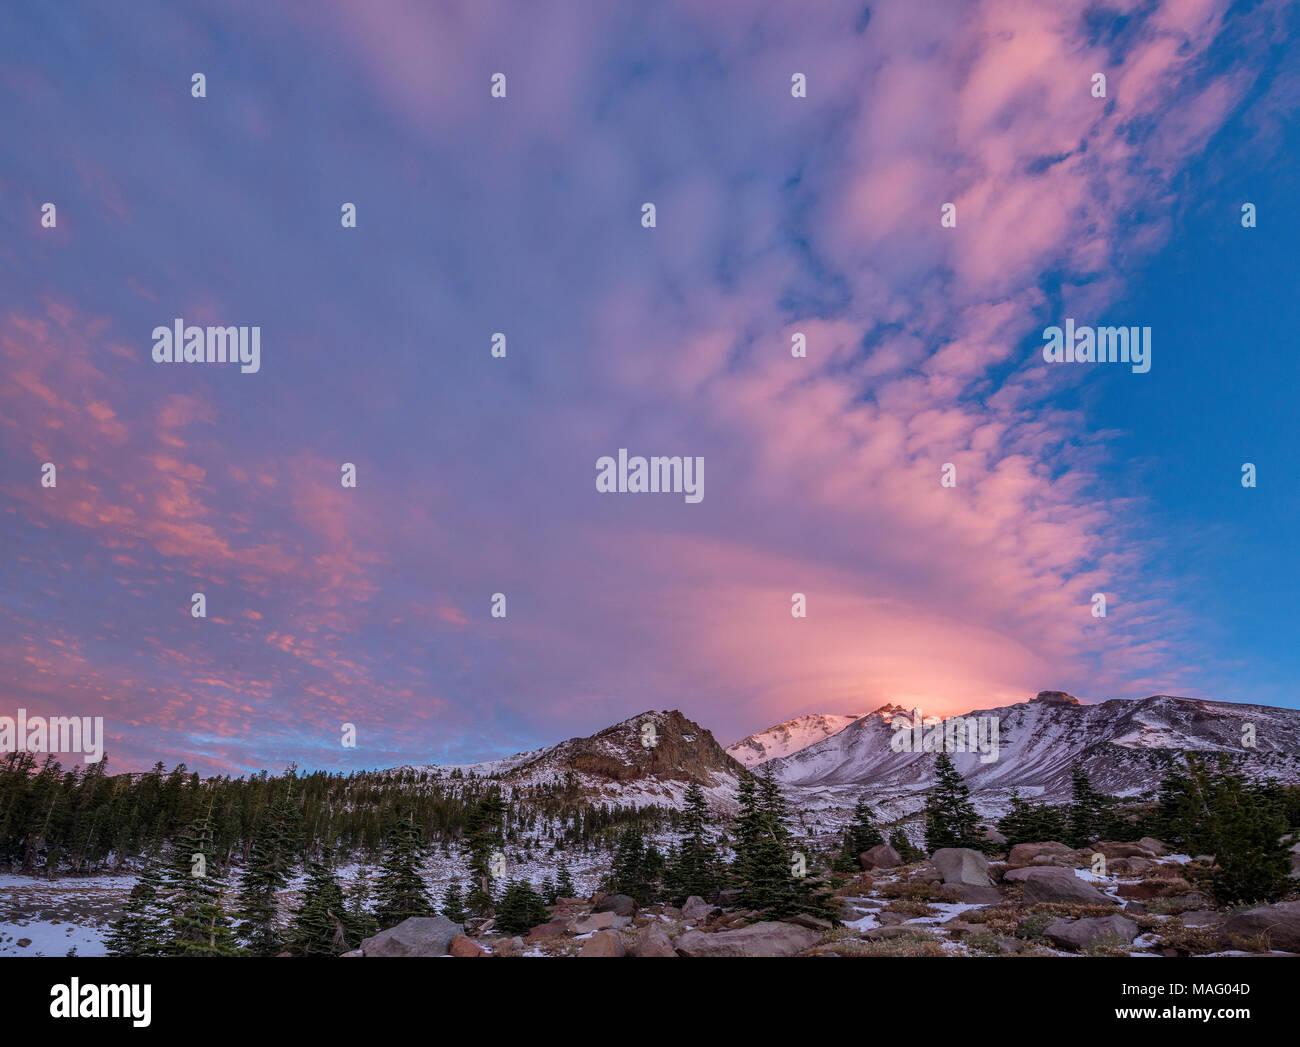 Amanecer, nube lenticular, monte Shasta, el Bosque Nacional Shasta-Trinity, California Imagen De Stock